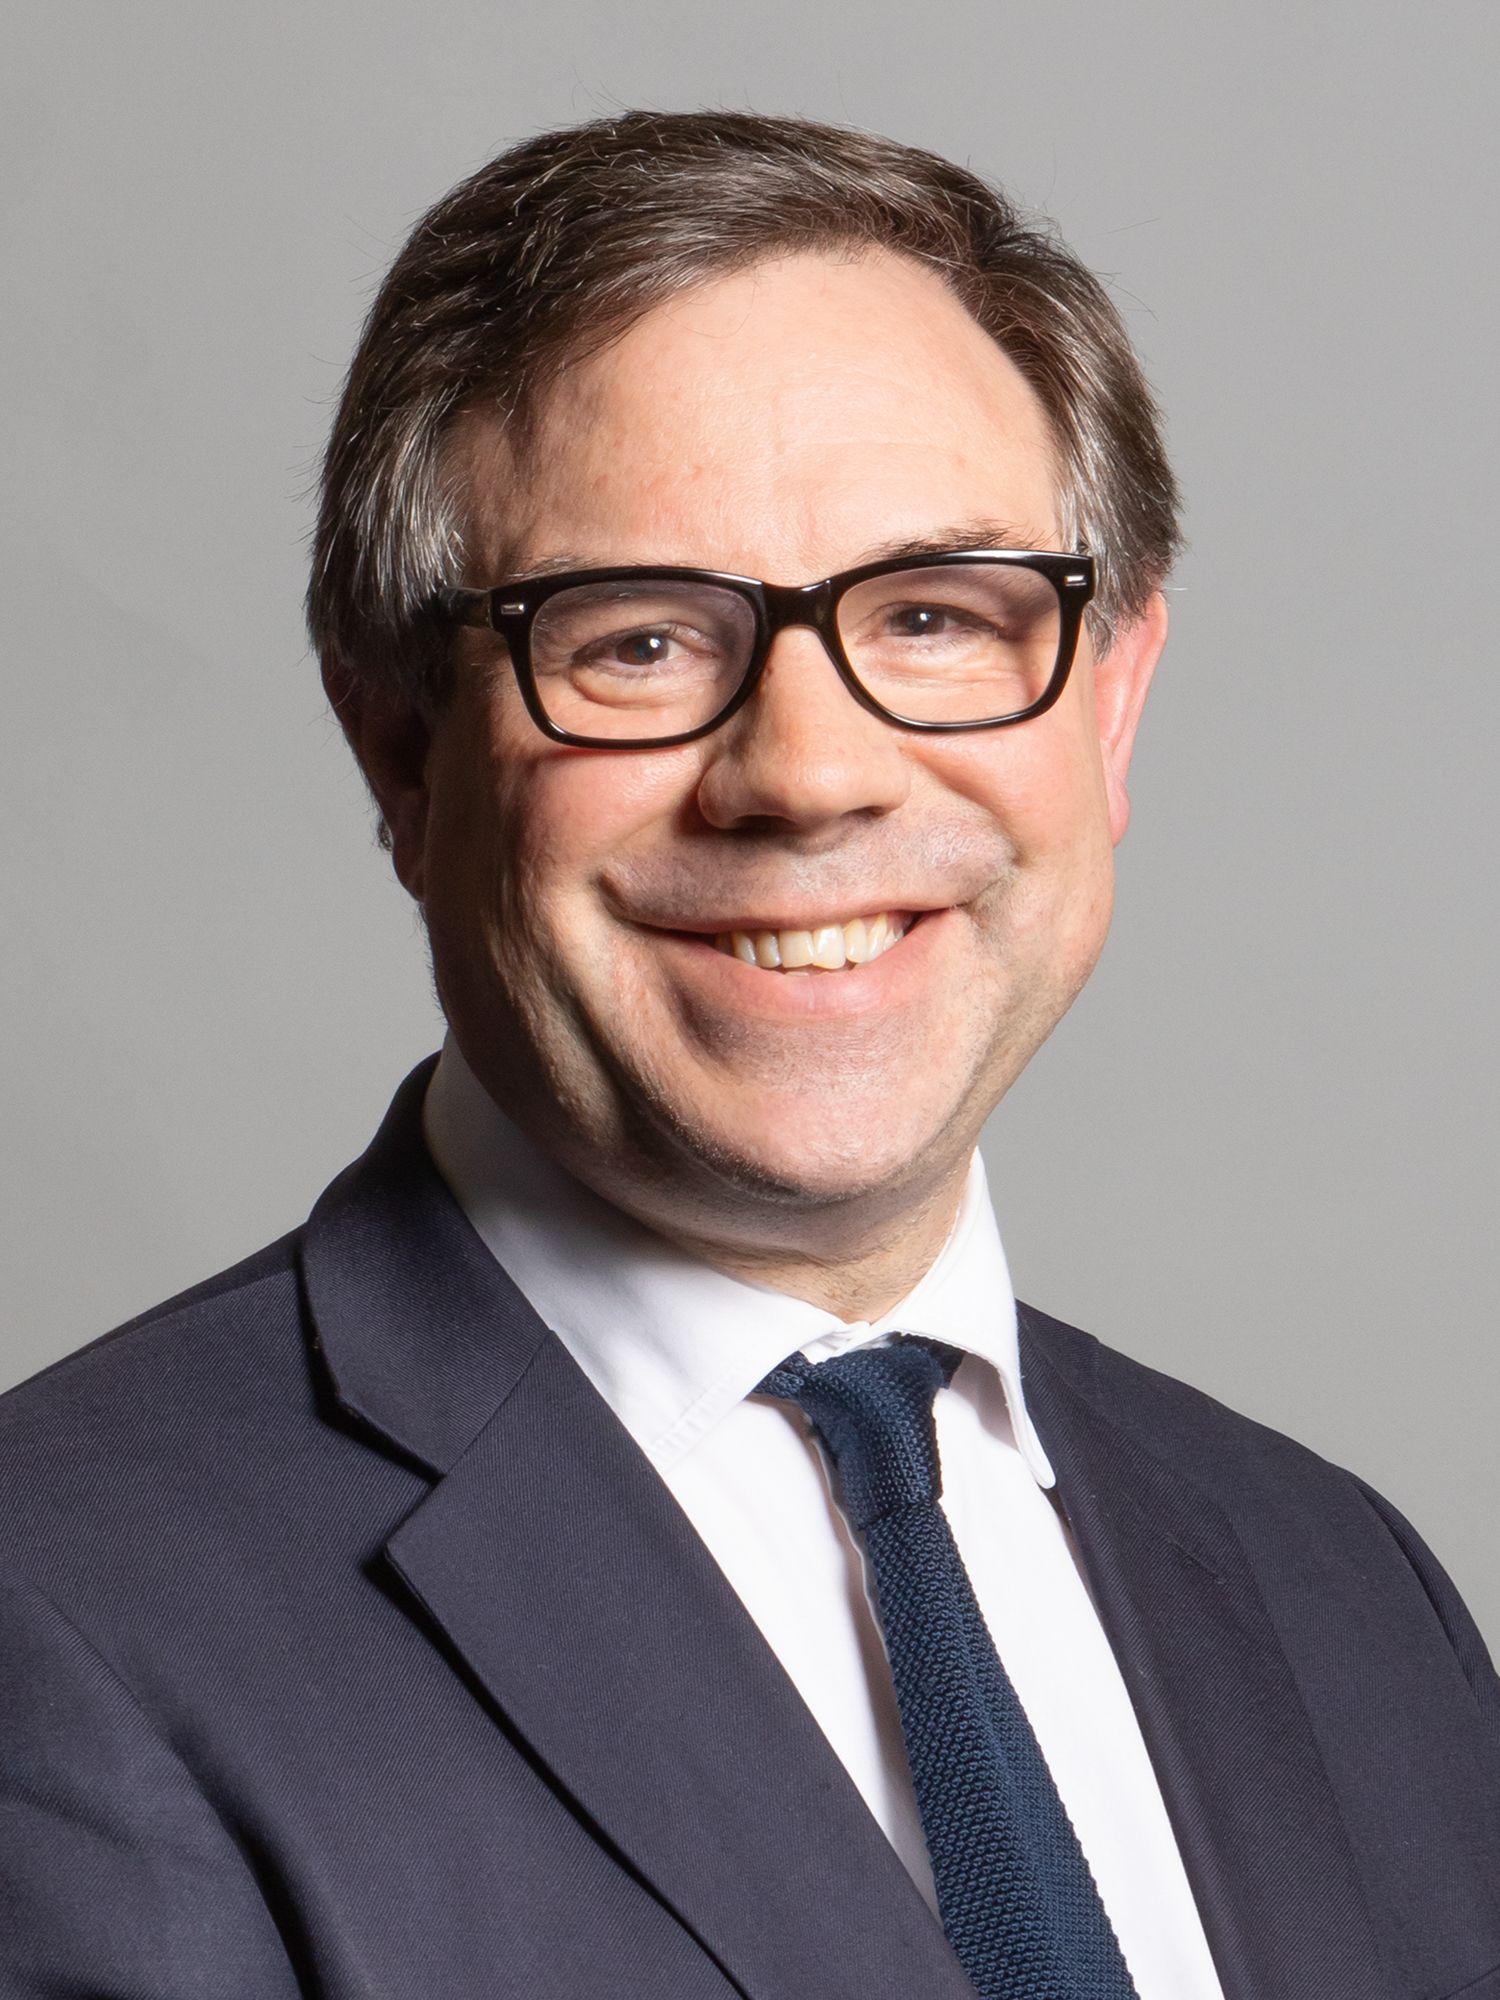 UK Minister for Defence Procurement